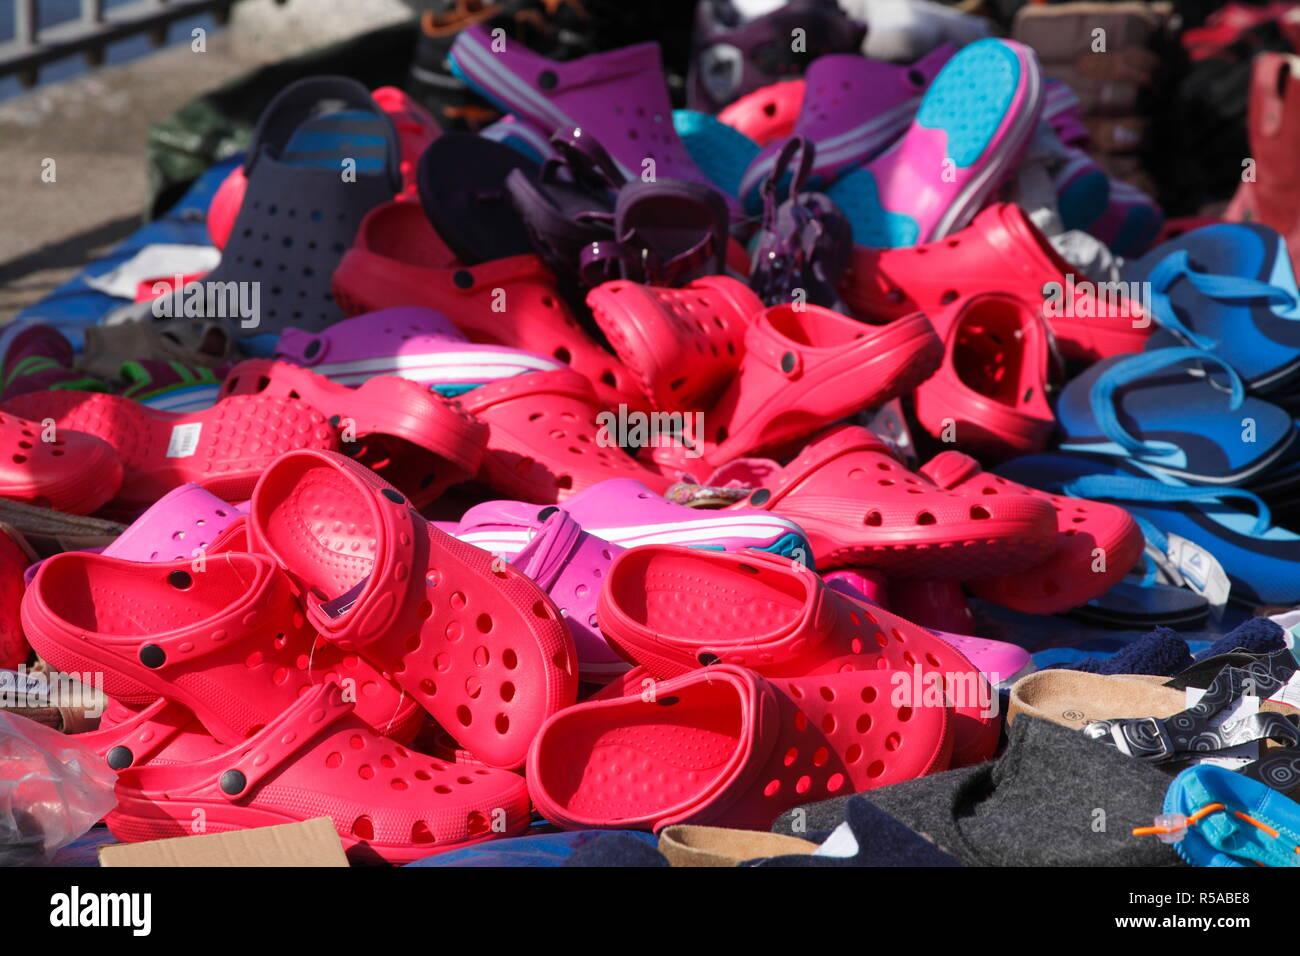 06d91c3931bdc Croc Shoe Stock Photos   Croc Shoe Stock Images - Alamy